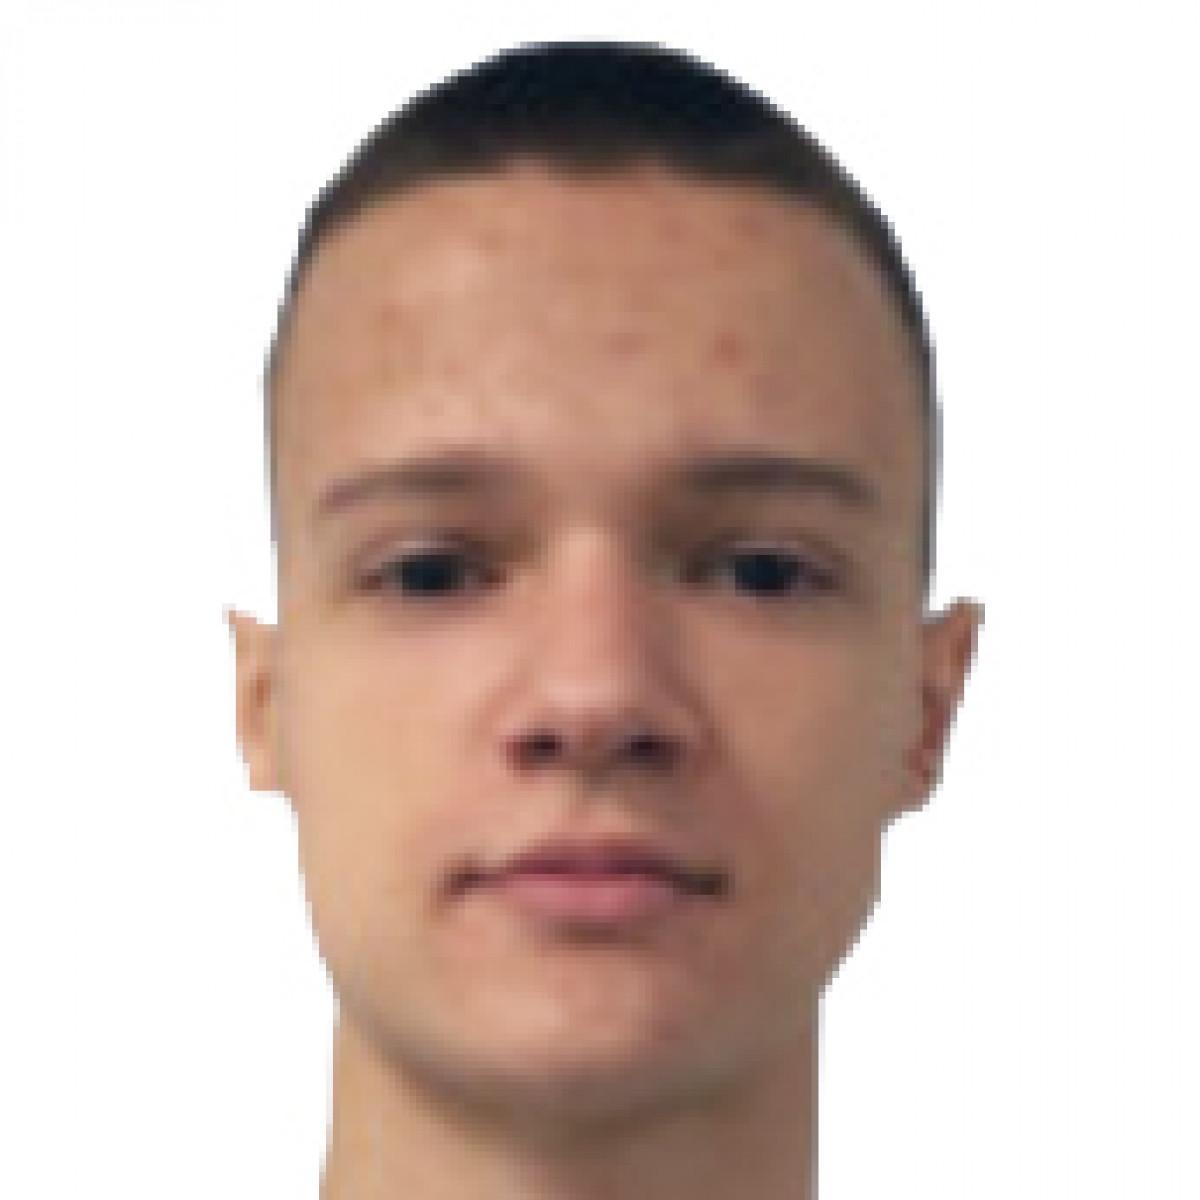 Milos Vicentic